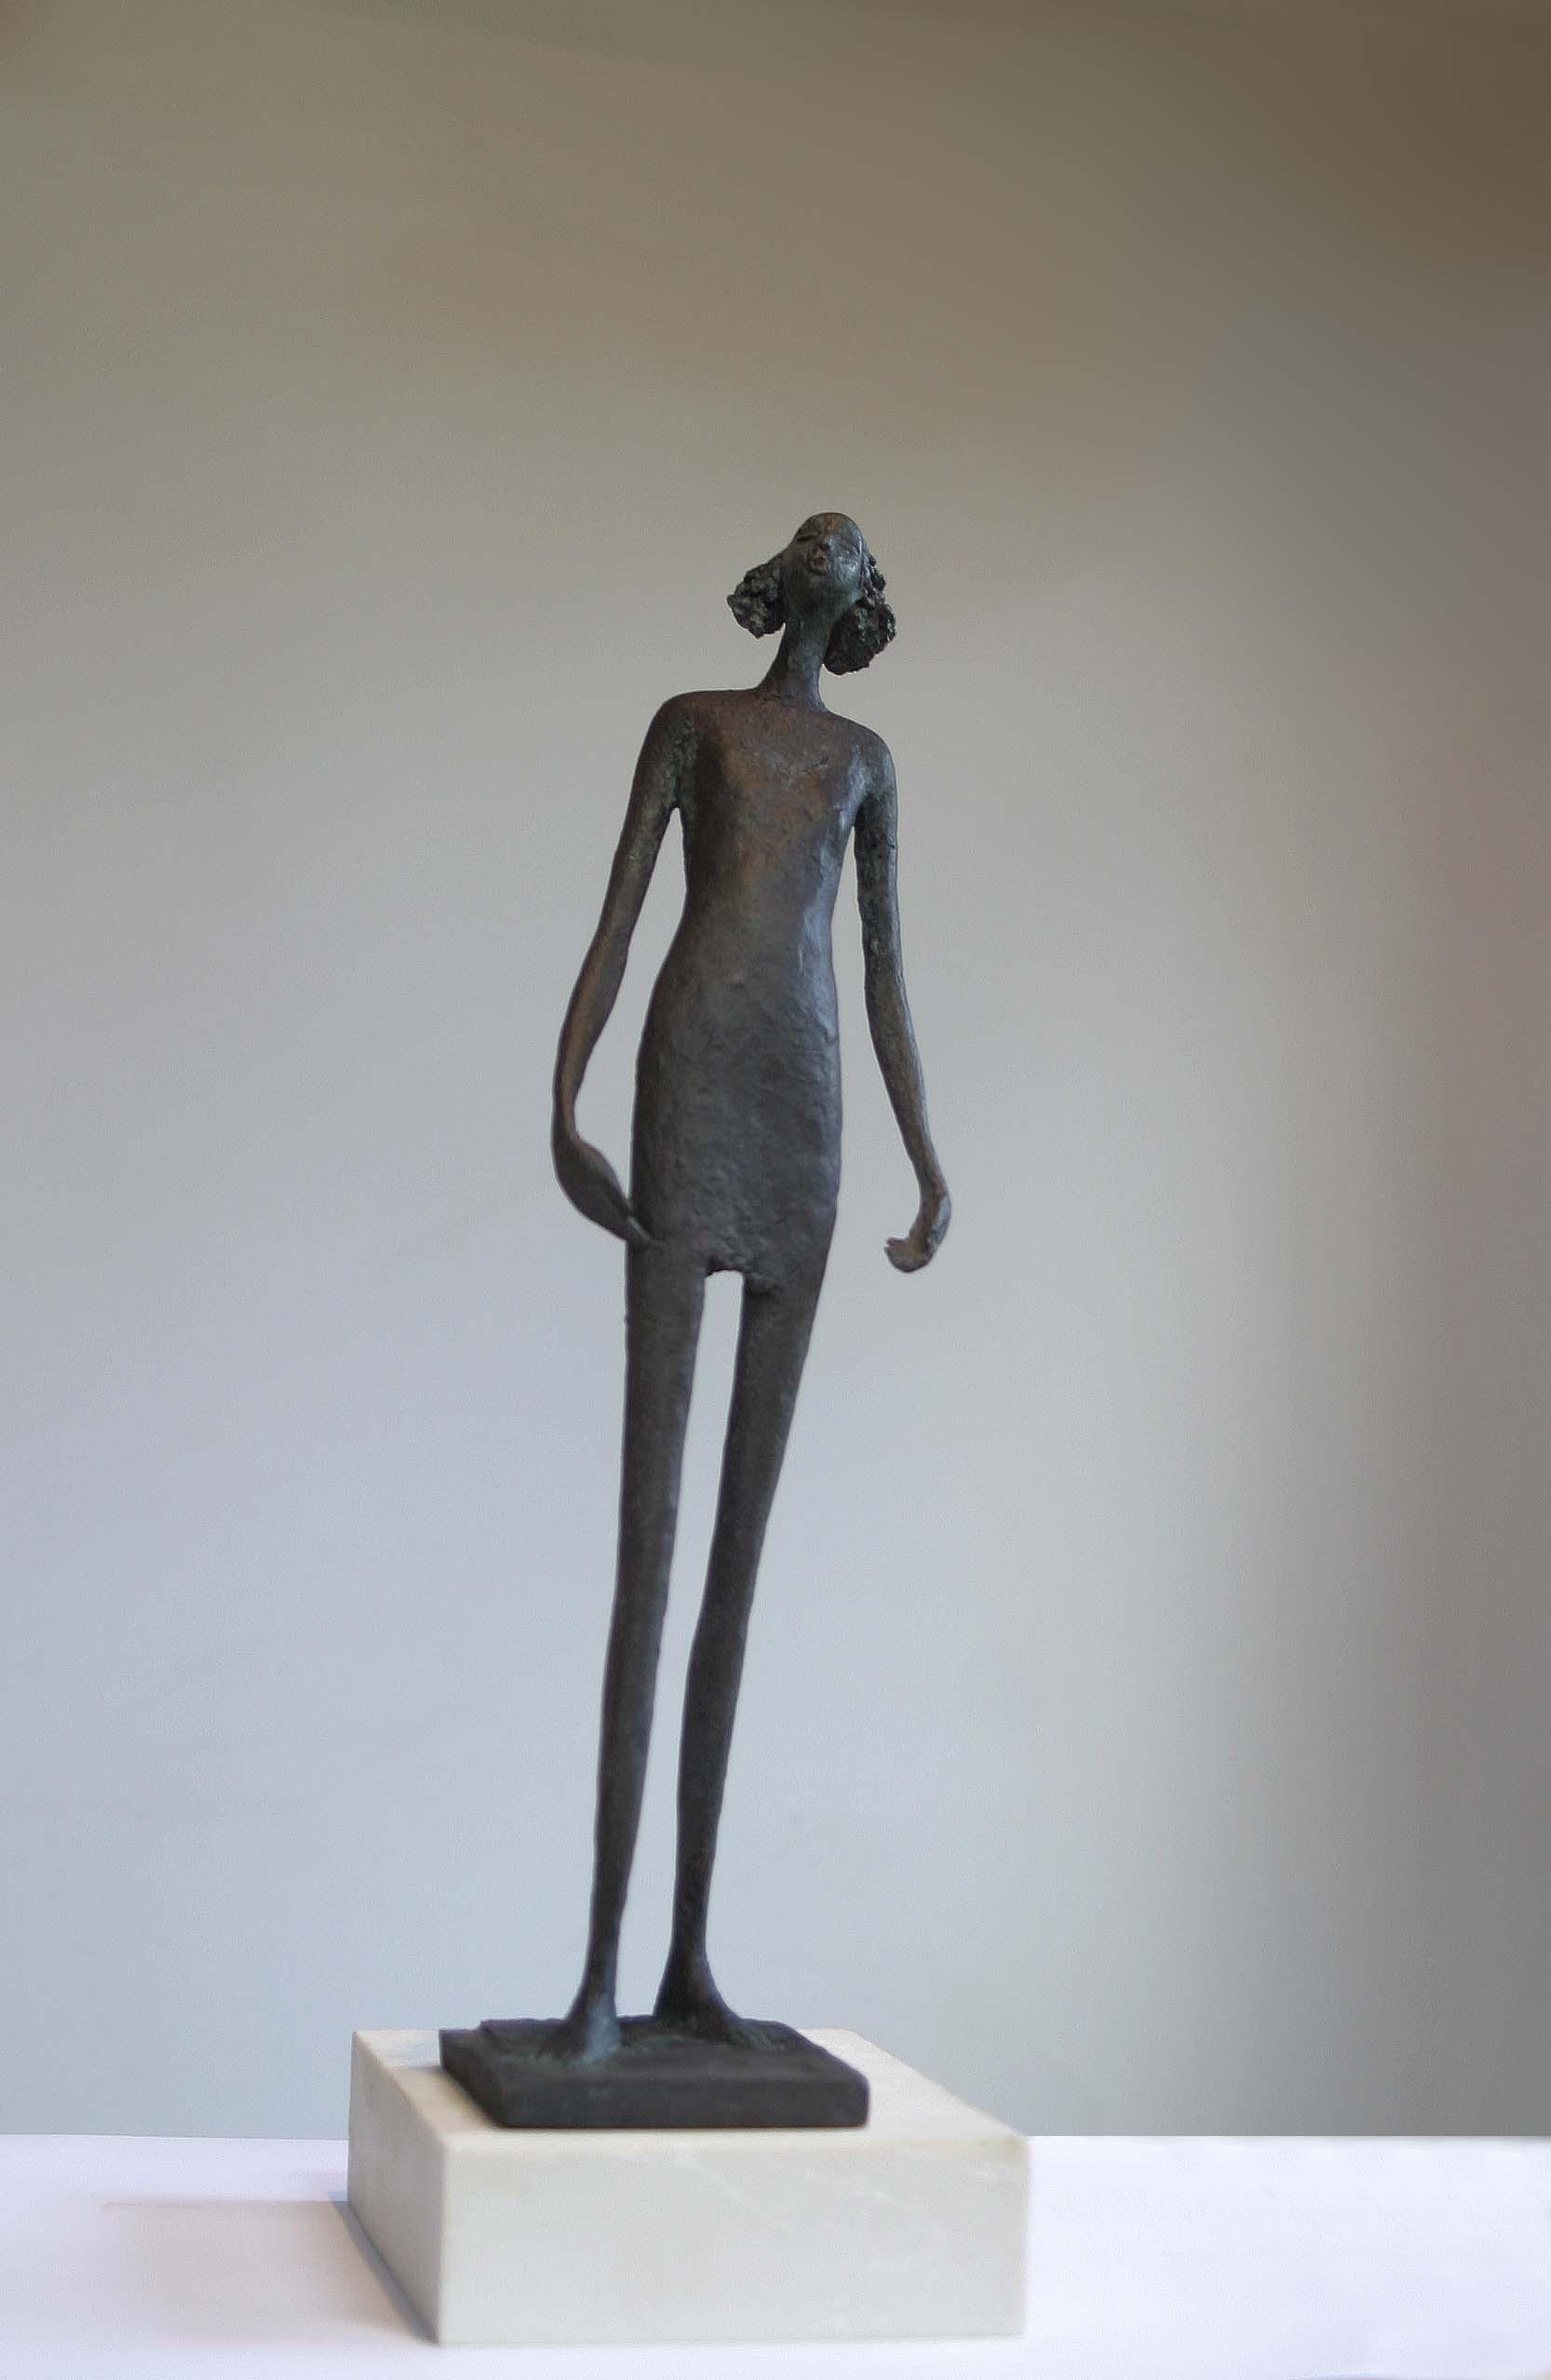 Bob Quinn, Seinn (tall version), Bronze ed of 7, 54 x 14 x 13 cm